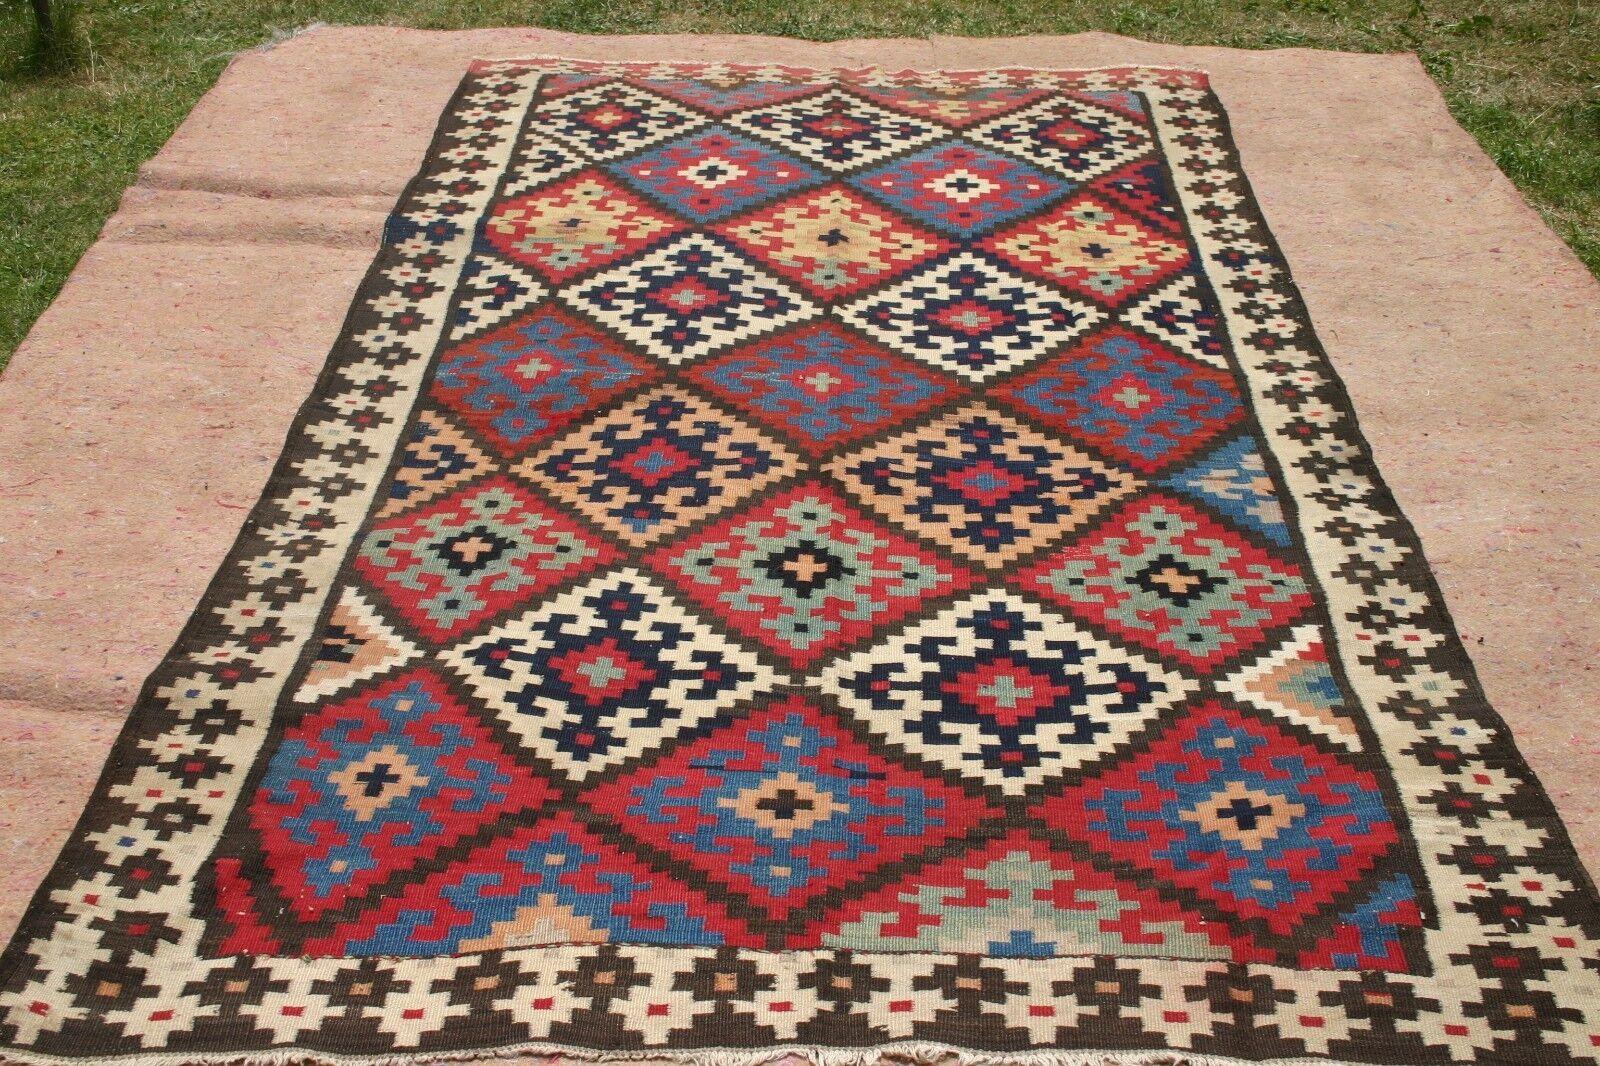 1900 antique Caucasian Caucasian antique arménien Hand Knotted agneaux laine Kilim 280 x 160 cm 3dd01f